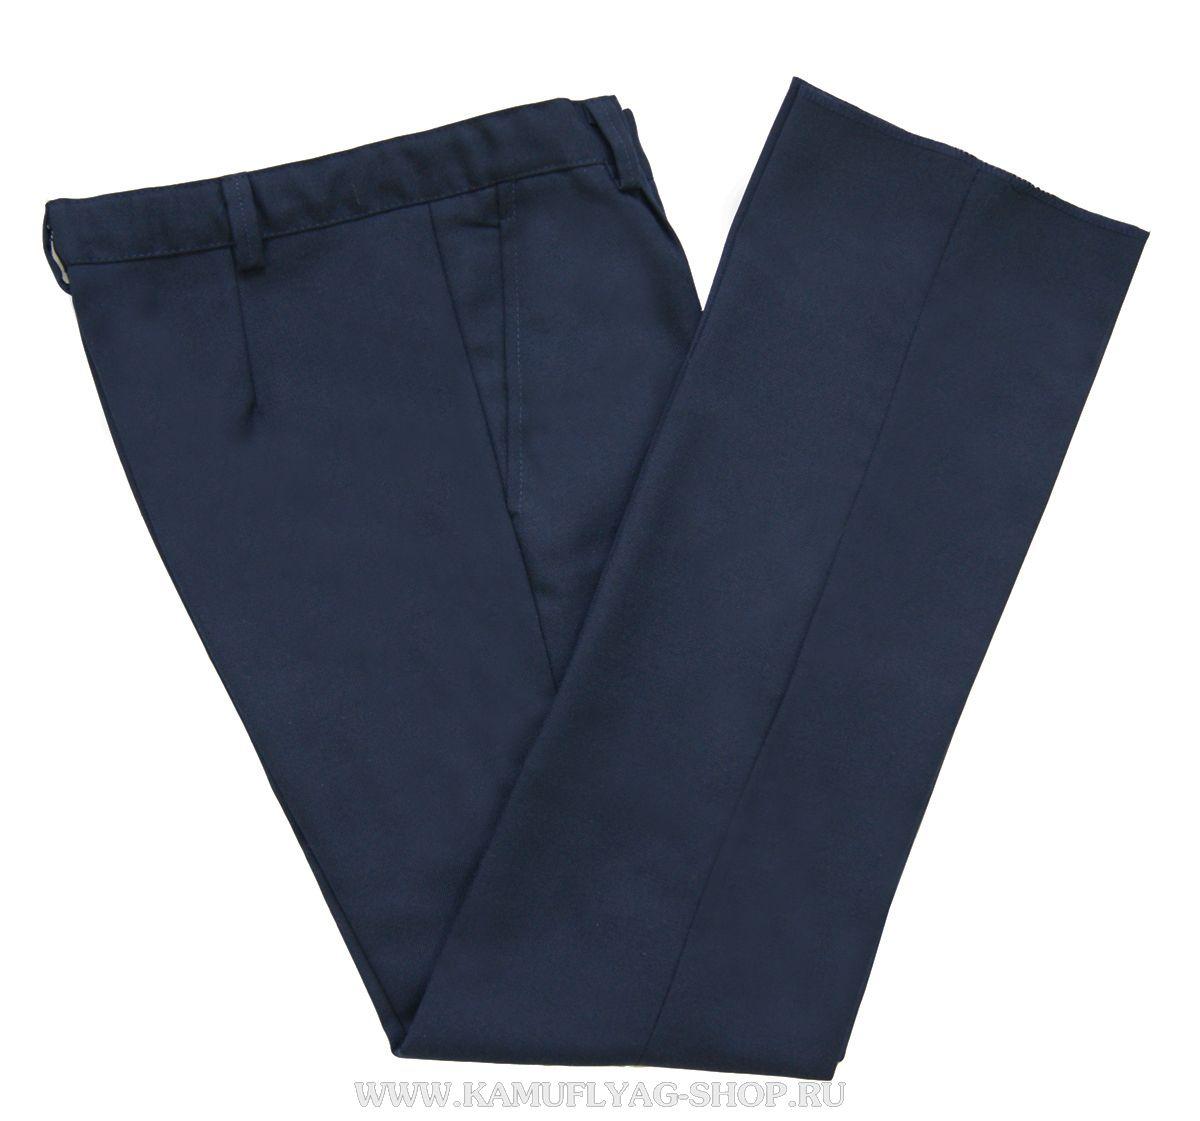 Форменные брюки доставка